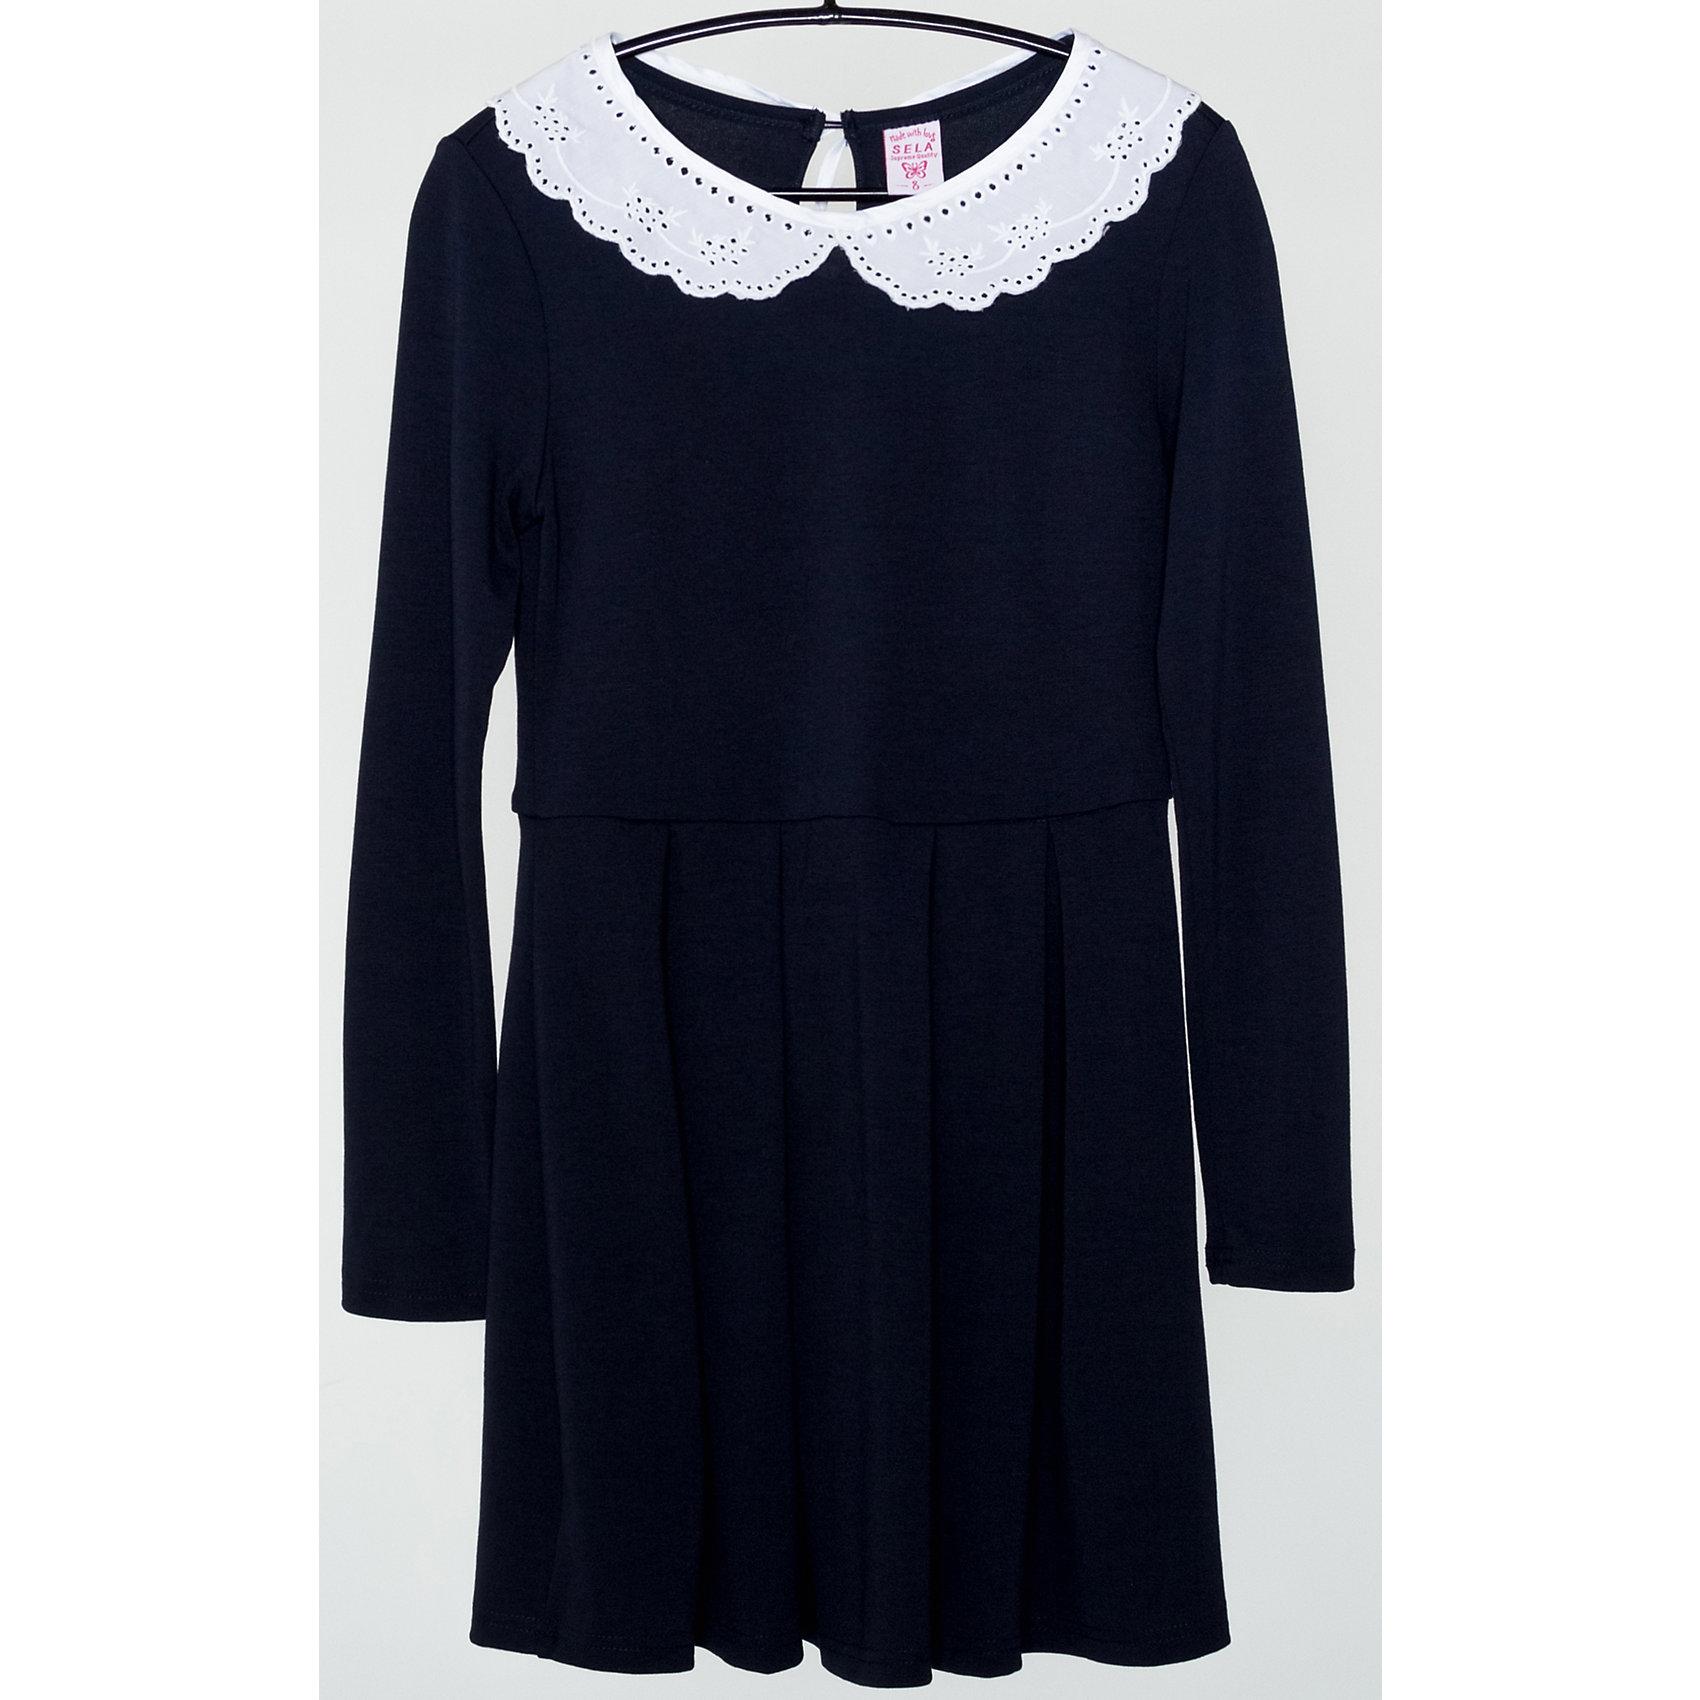 Платье для девочки SELAПлатья и сарафаны<br>Детская одежда от SELA - это качественные модные вещи по привлекательным ценам. Данная модель относится к коллекции нового сезона, она учитывает последние тренды в моде, поэтому смотрится стильно, с ней можно создать множество ансамблей.<br>Это симпатичное платье украшено кружевным воротником. Рукава - длинные, силуэт приталенный. Интересно смотрится благодаря контрасту темного и светлого. Сзади застегивается на пуговицу. Изделие сшито из тщательно подобранных материалов, абсолютно безопасных для ребенка.<br><br>Дополнительная информация:<br><br>цвет: разноцветный;<br>состав: 65% вискоза, 30% ПЭ, 5% эластан;<br>украшено кружевным воротником;<br>пуговица сзади;<br>рукава длинные.<br><br>Платье для девочки от компании SELA можно купить в нашем магазине.<br><br>Ширина мм: 236<br>Глубина мм: 16<br>Высота мм: 184<br>Вес г: 177<br>Цвет: синий<br>Возраст от месяцев: 72<br>Возраст до месяцев: 84<br>Пол: Женский<br>Возраст: Детский<br>Размер: 122,128,146,134,152,140,116<br>SKU: 4913000